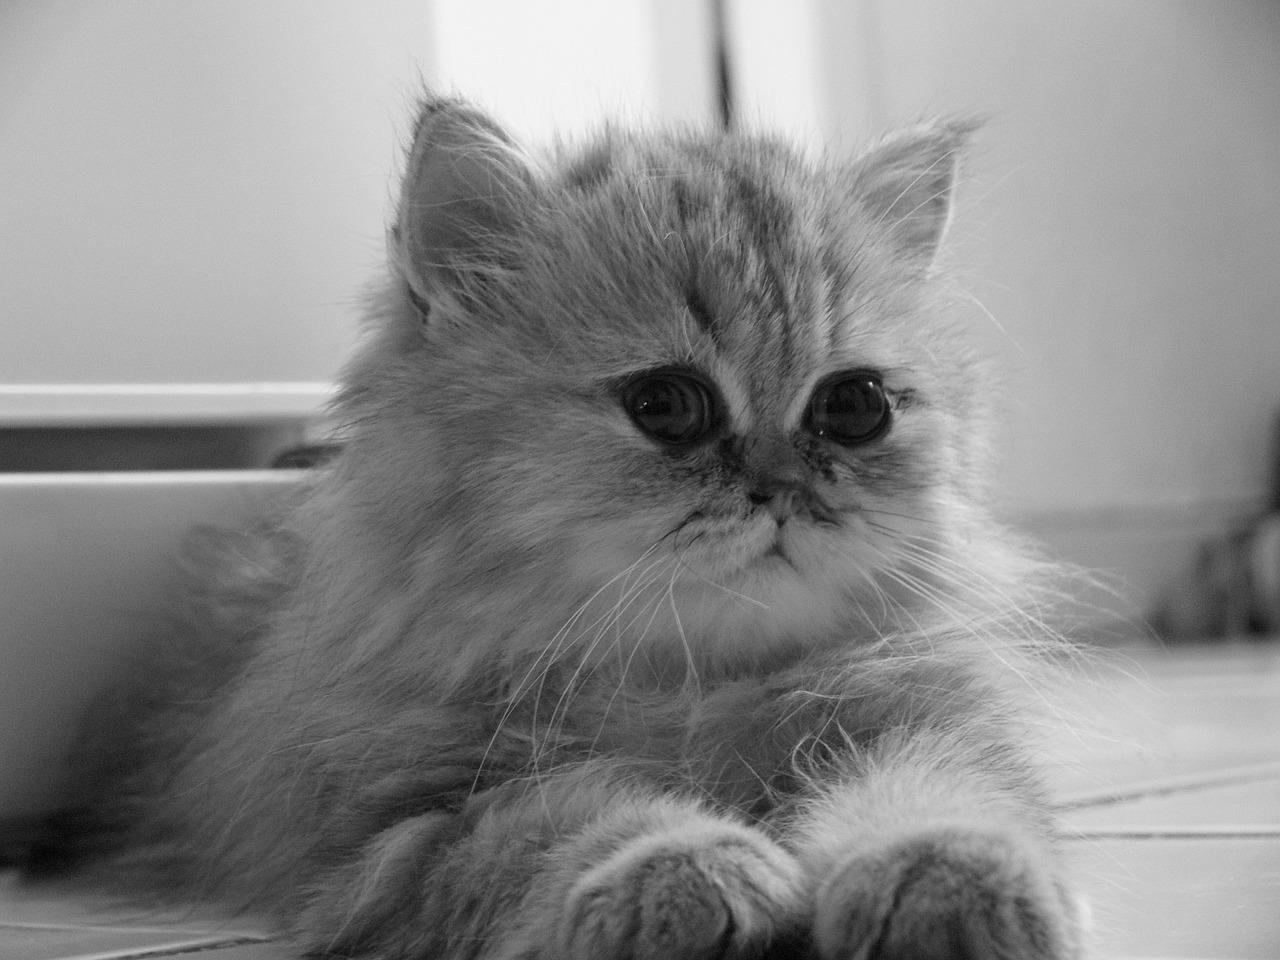 Bardzo dobry Kot perski - cena, charakter, niebieski, biały - Blog Krakvet QV88